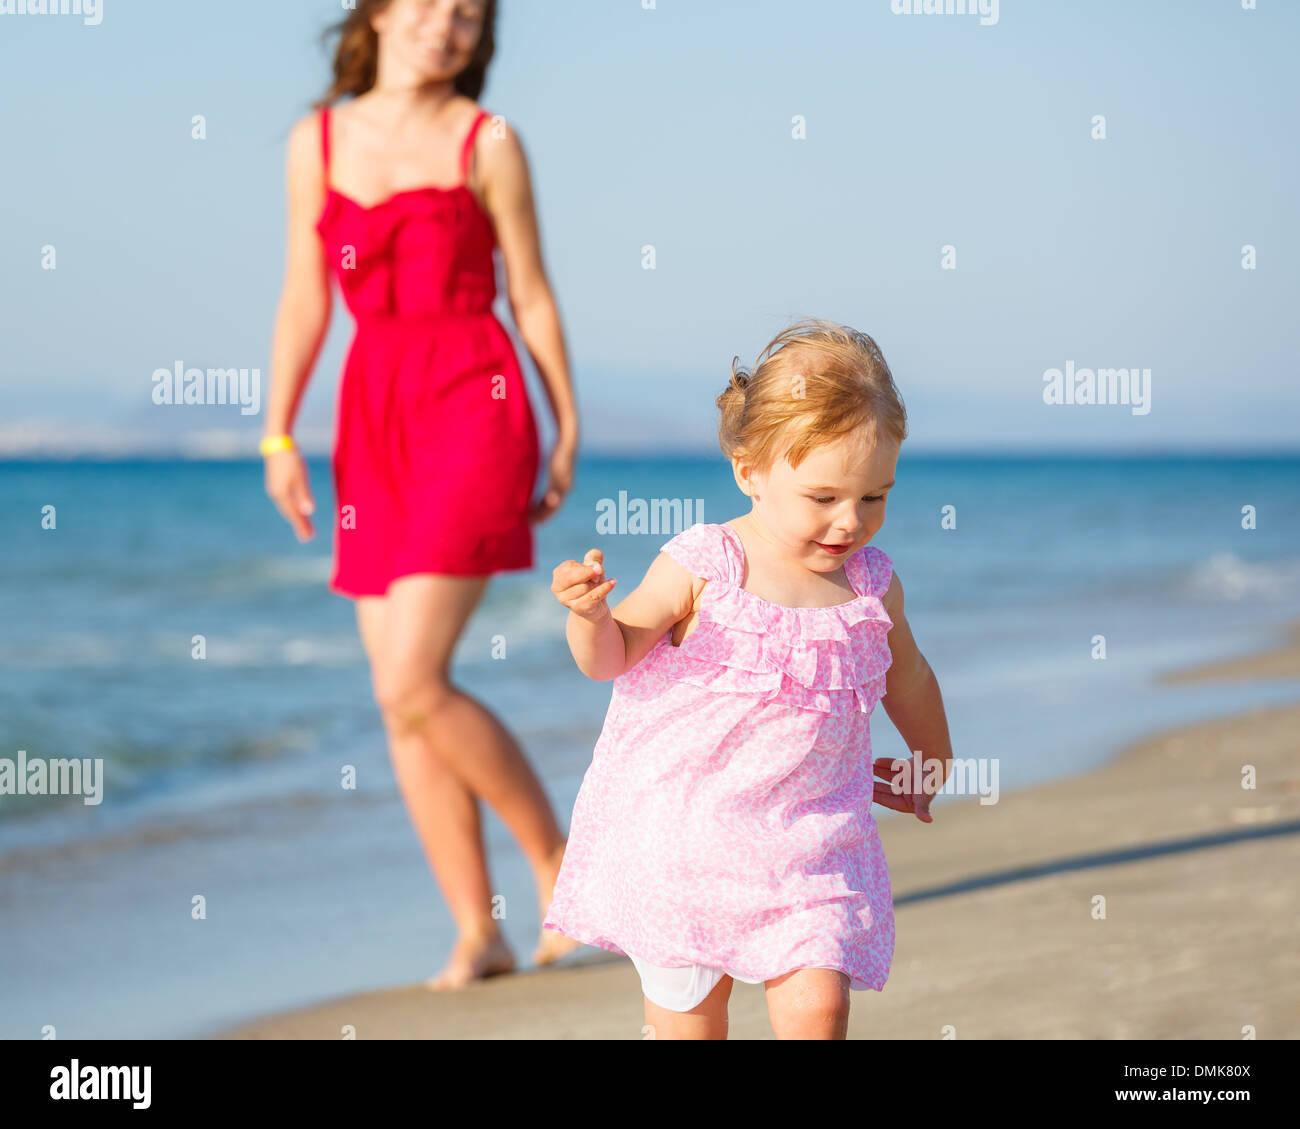 Bambina correre sulla spiaggia Immagini Stock